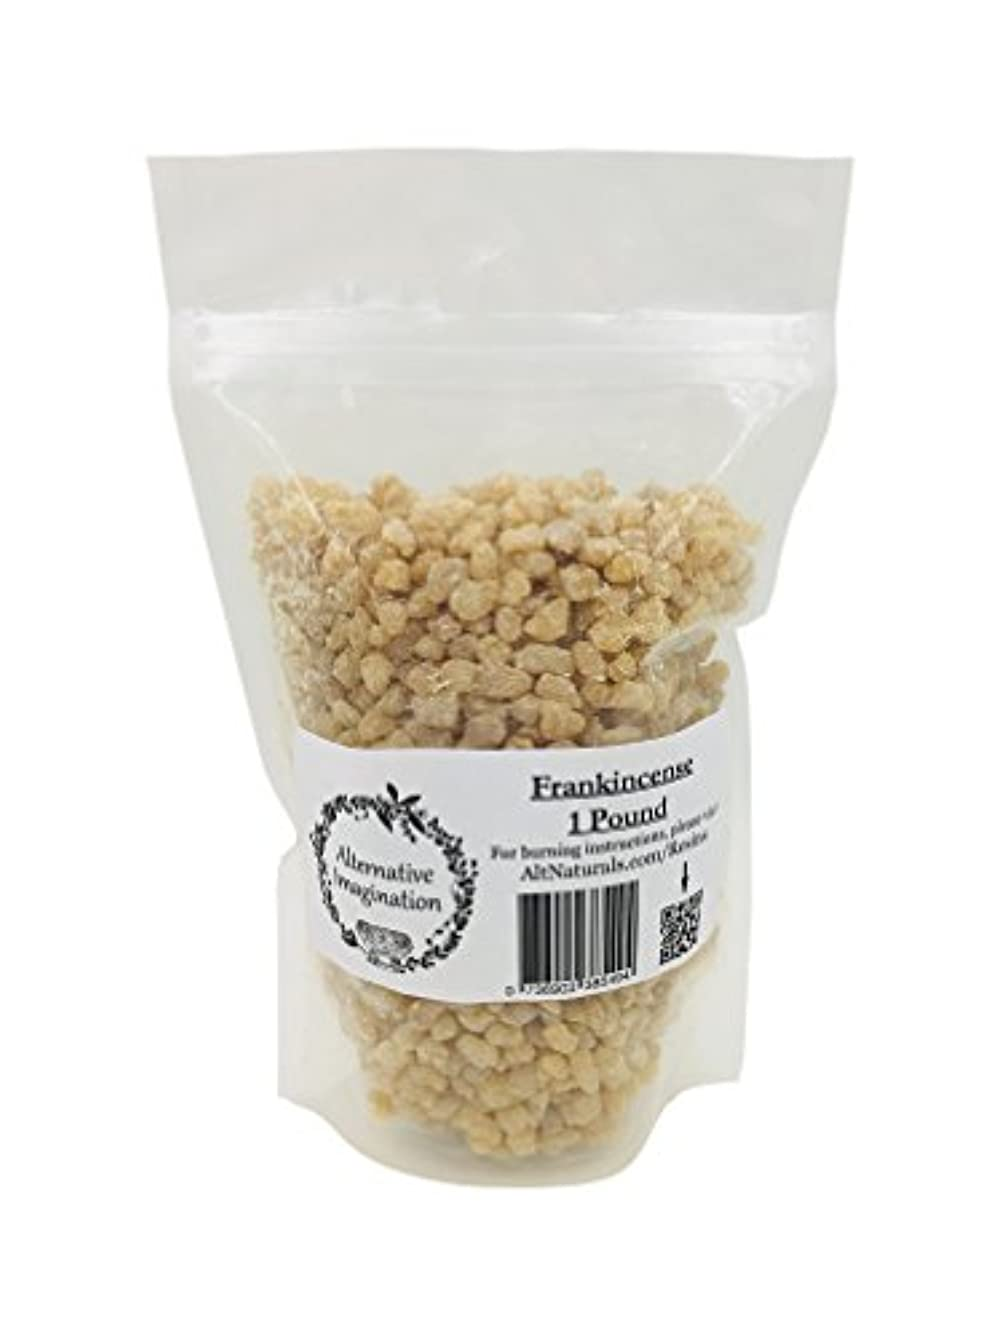 可動ホスト血統Frankincense樹脂Incense – 1ポンドバッグ。Alternative想像力ブランド